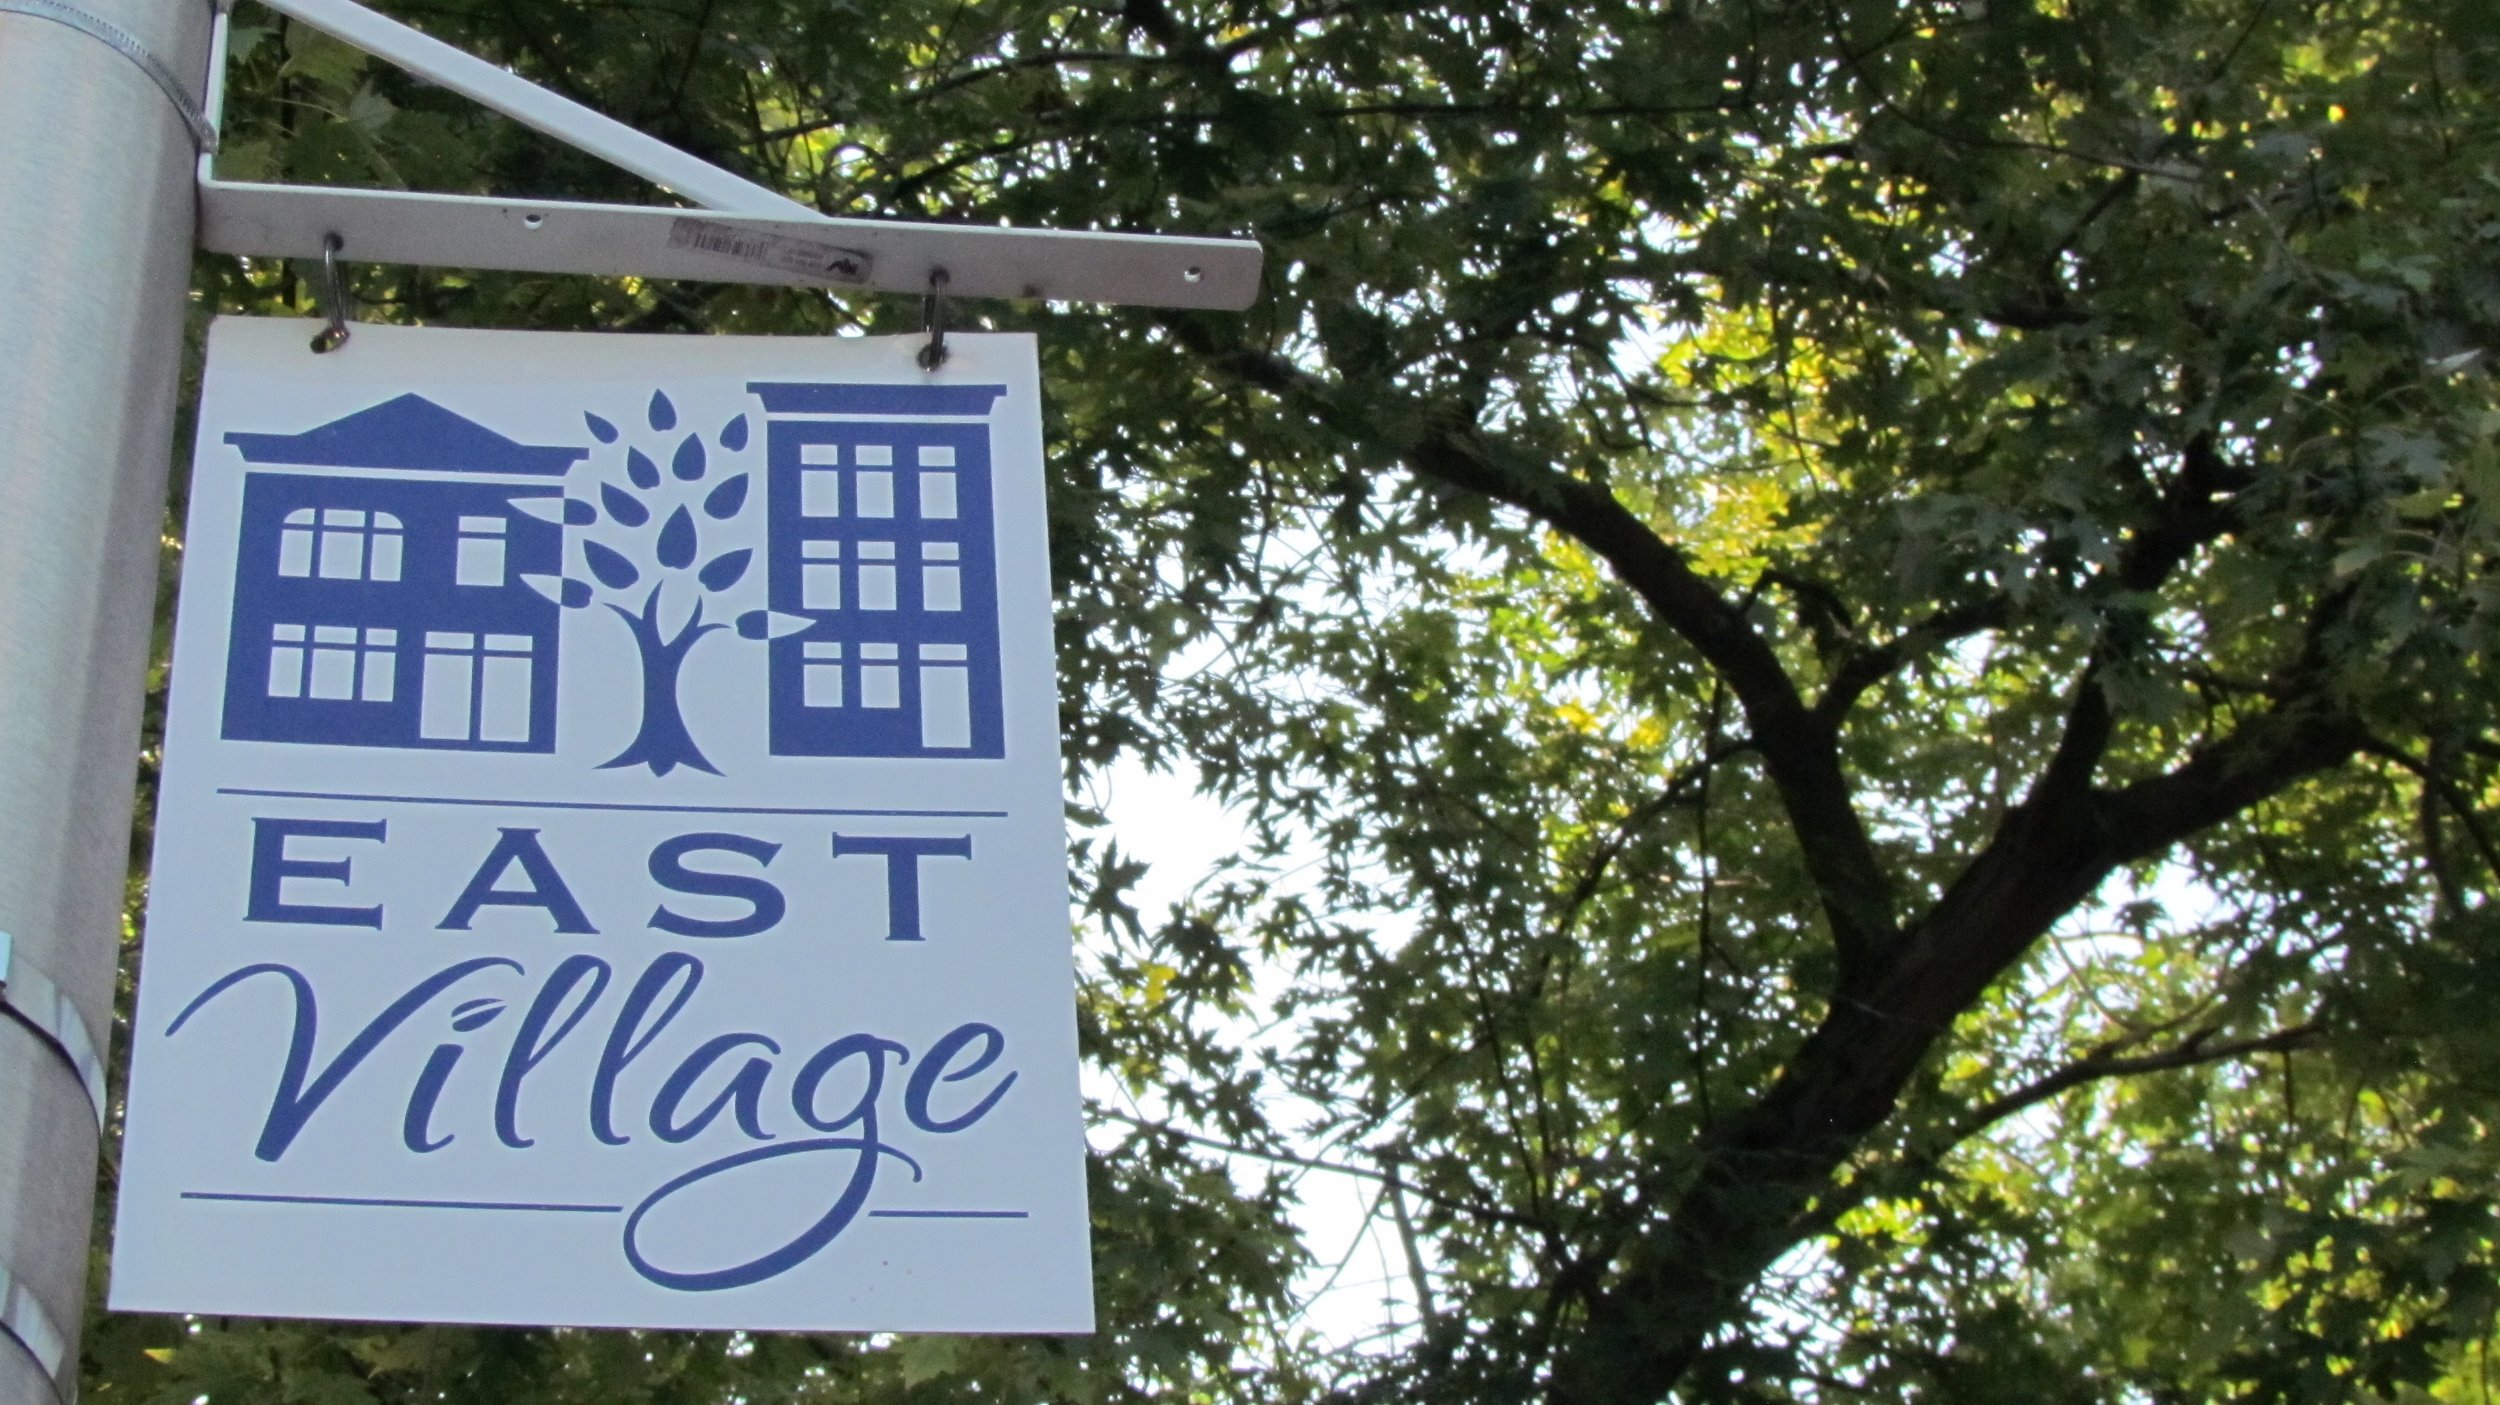 East Village Real Estate